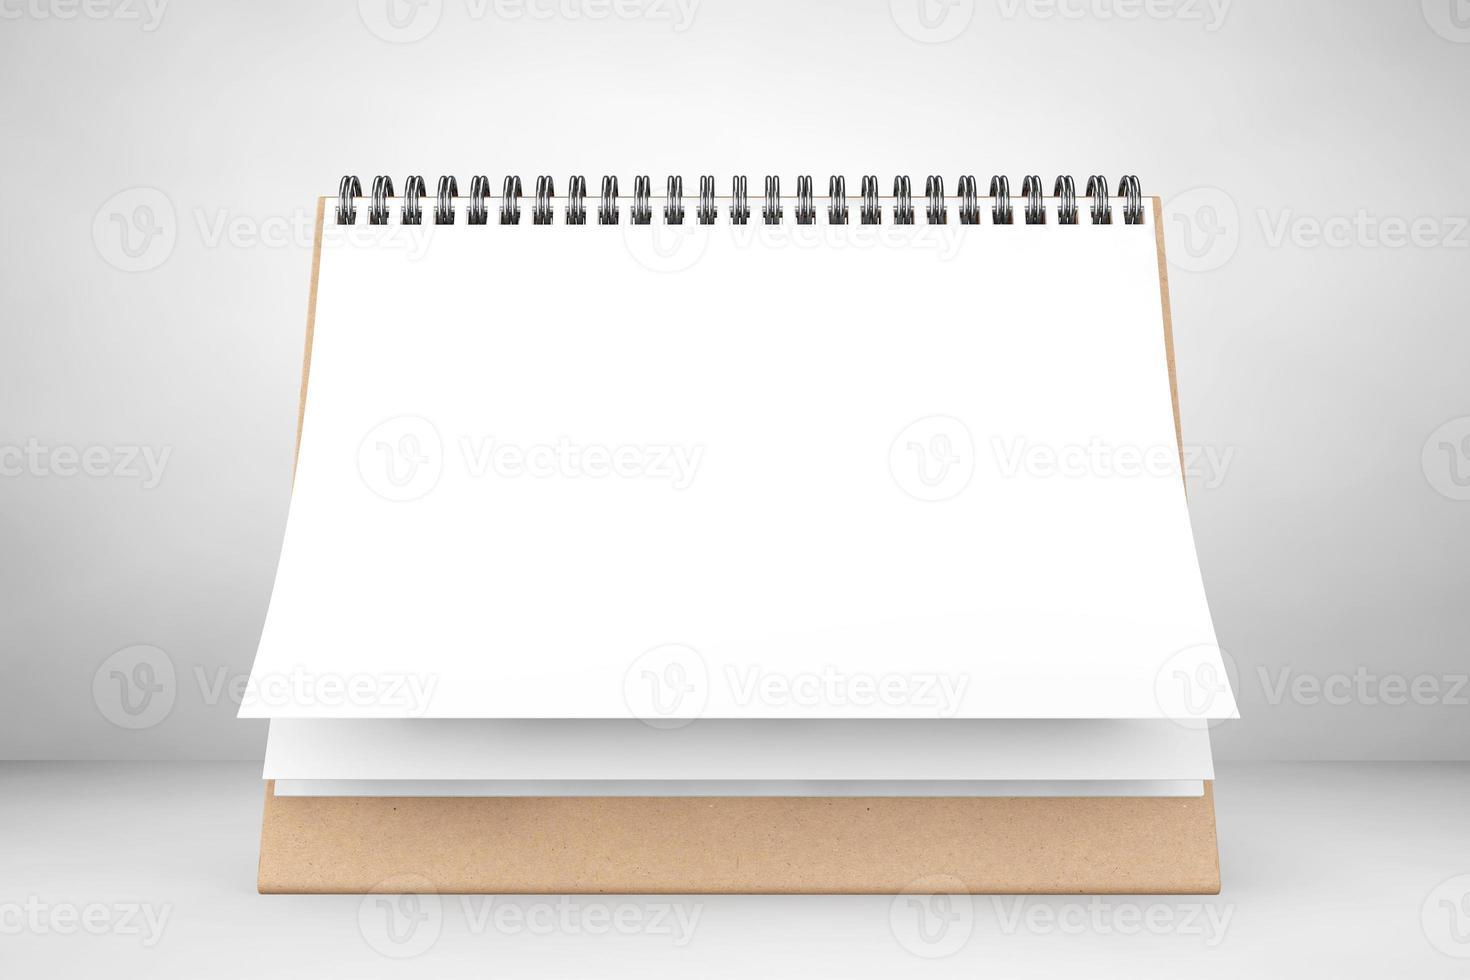 calendrier en spirale de bureau de papier vierge photo